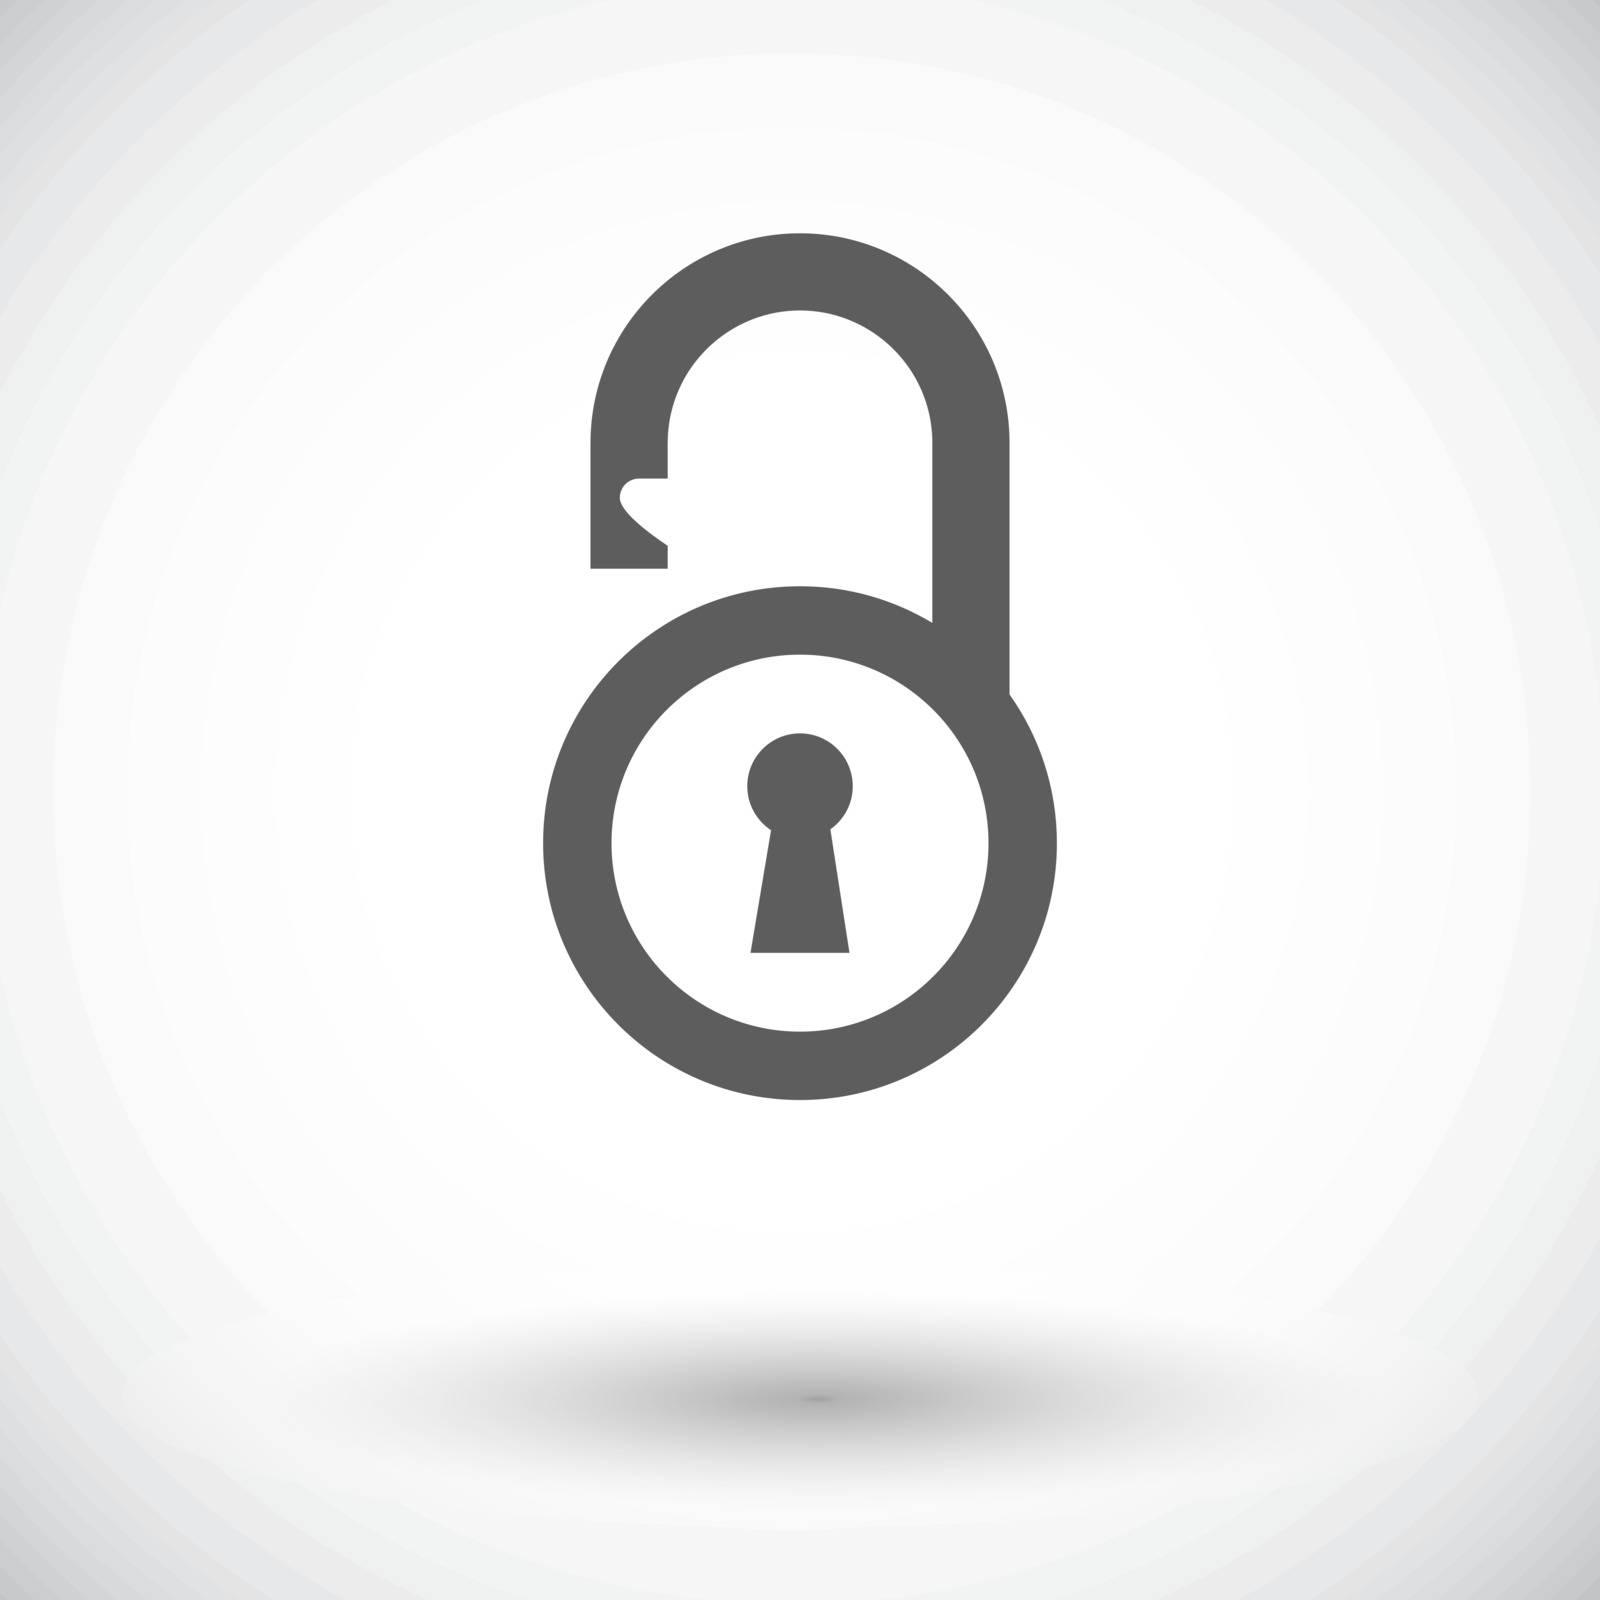 Padlock. Single flat icon on white background. Vector illustration.